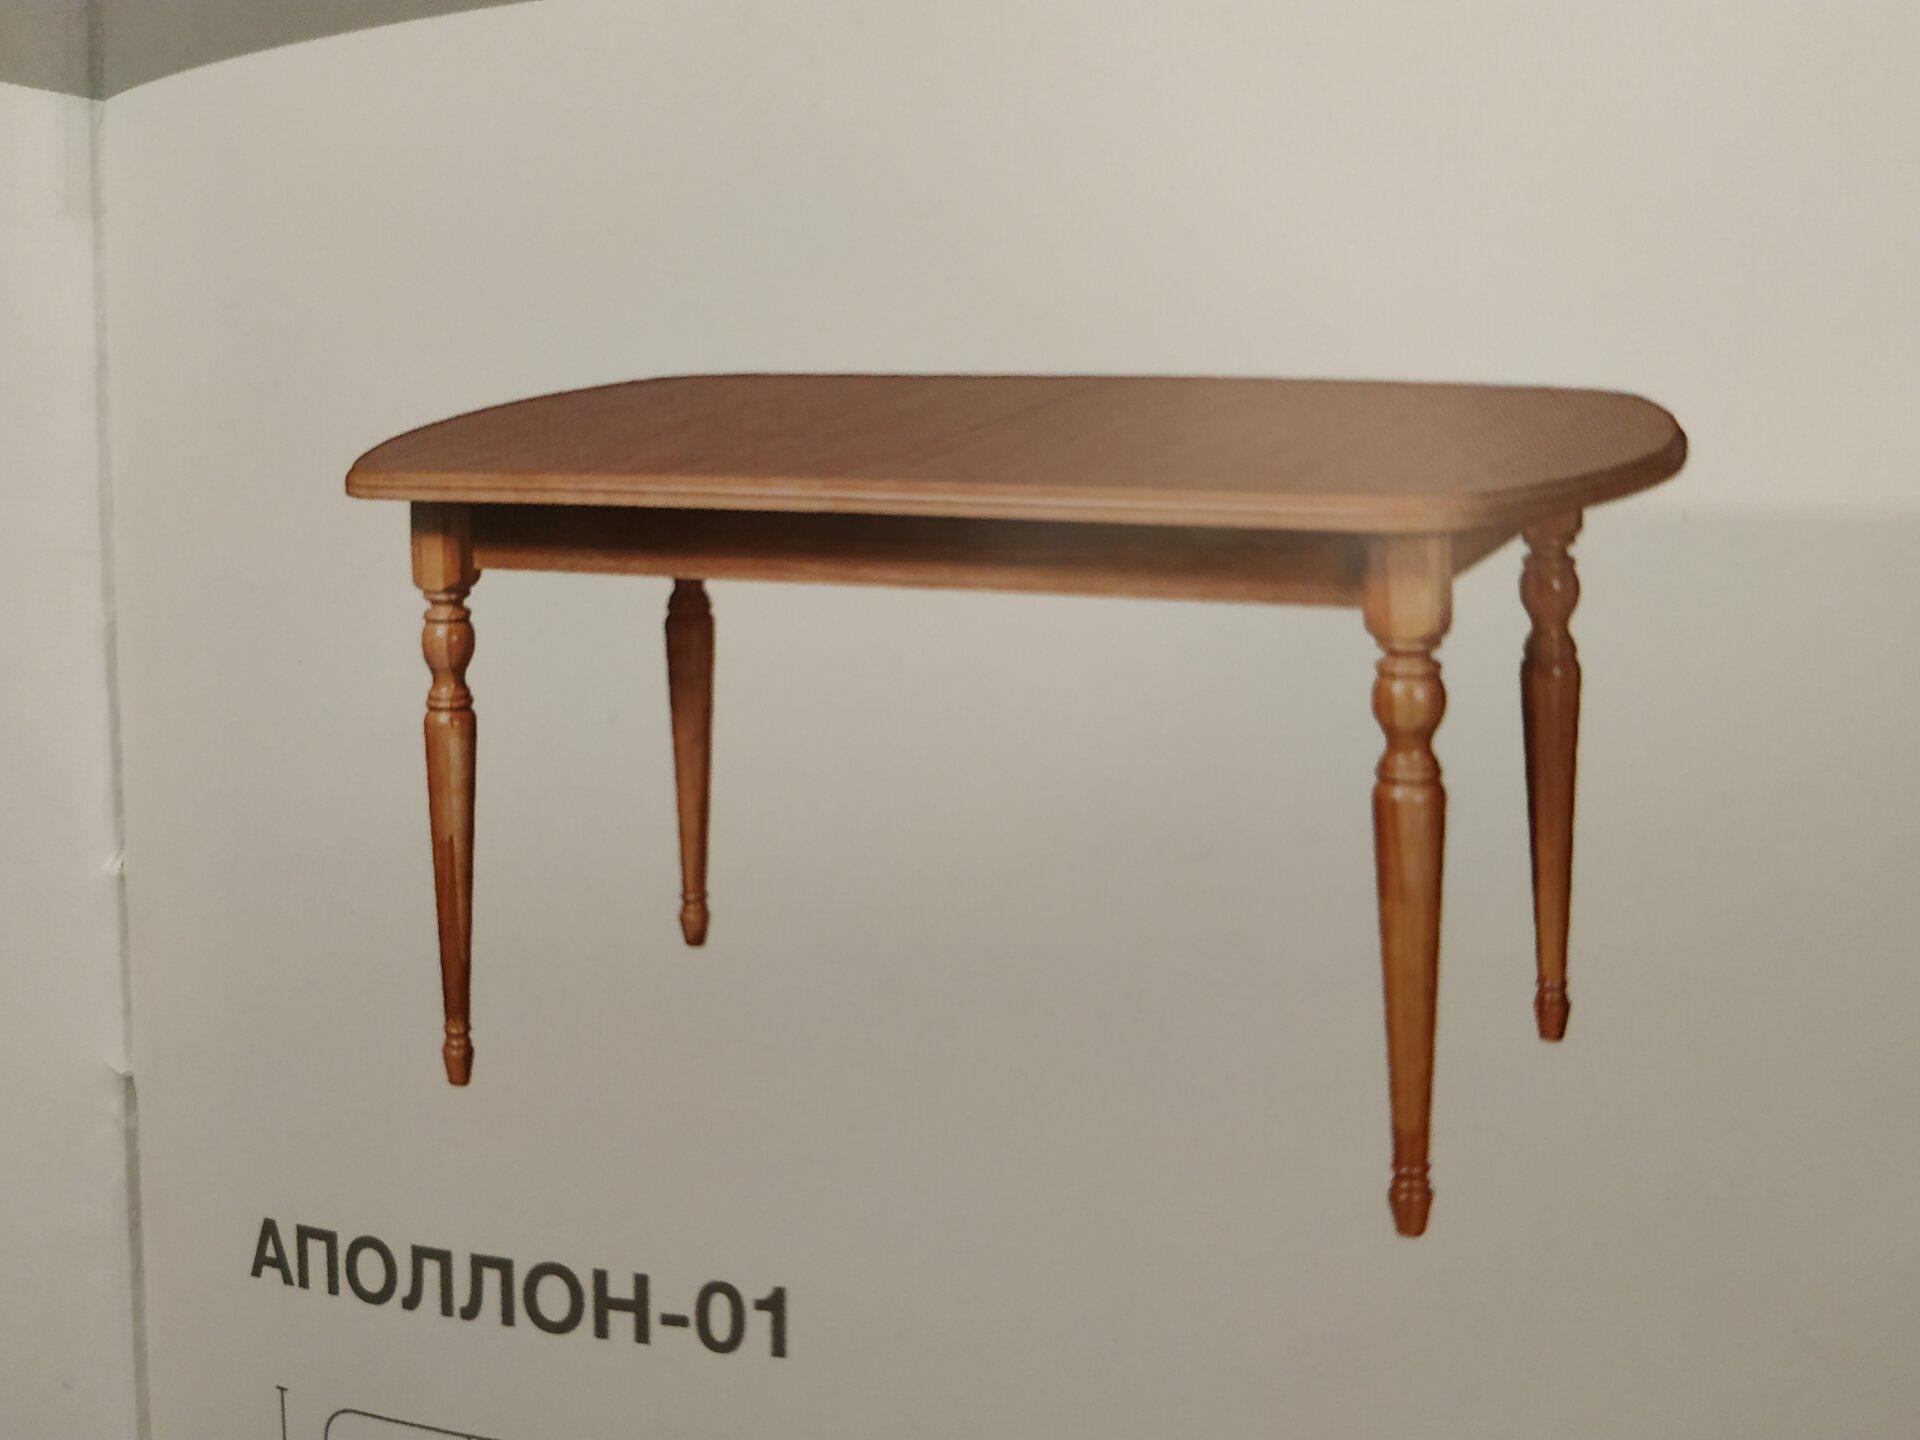 Стол кухонный, Аполлон-01 венге, деревянный, раздвижной (95*152/192 см) - фото pic_24d10722a2f7ea3f462634ef910820ea_1920x9000_1.jpg